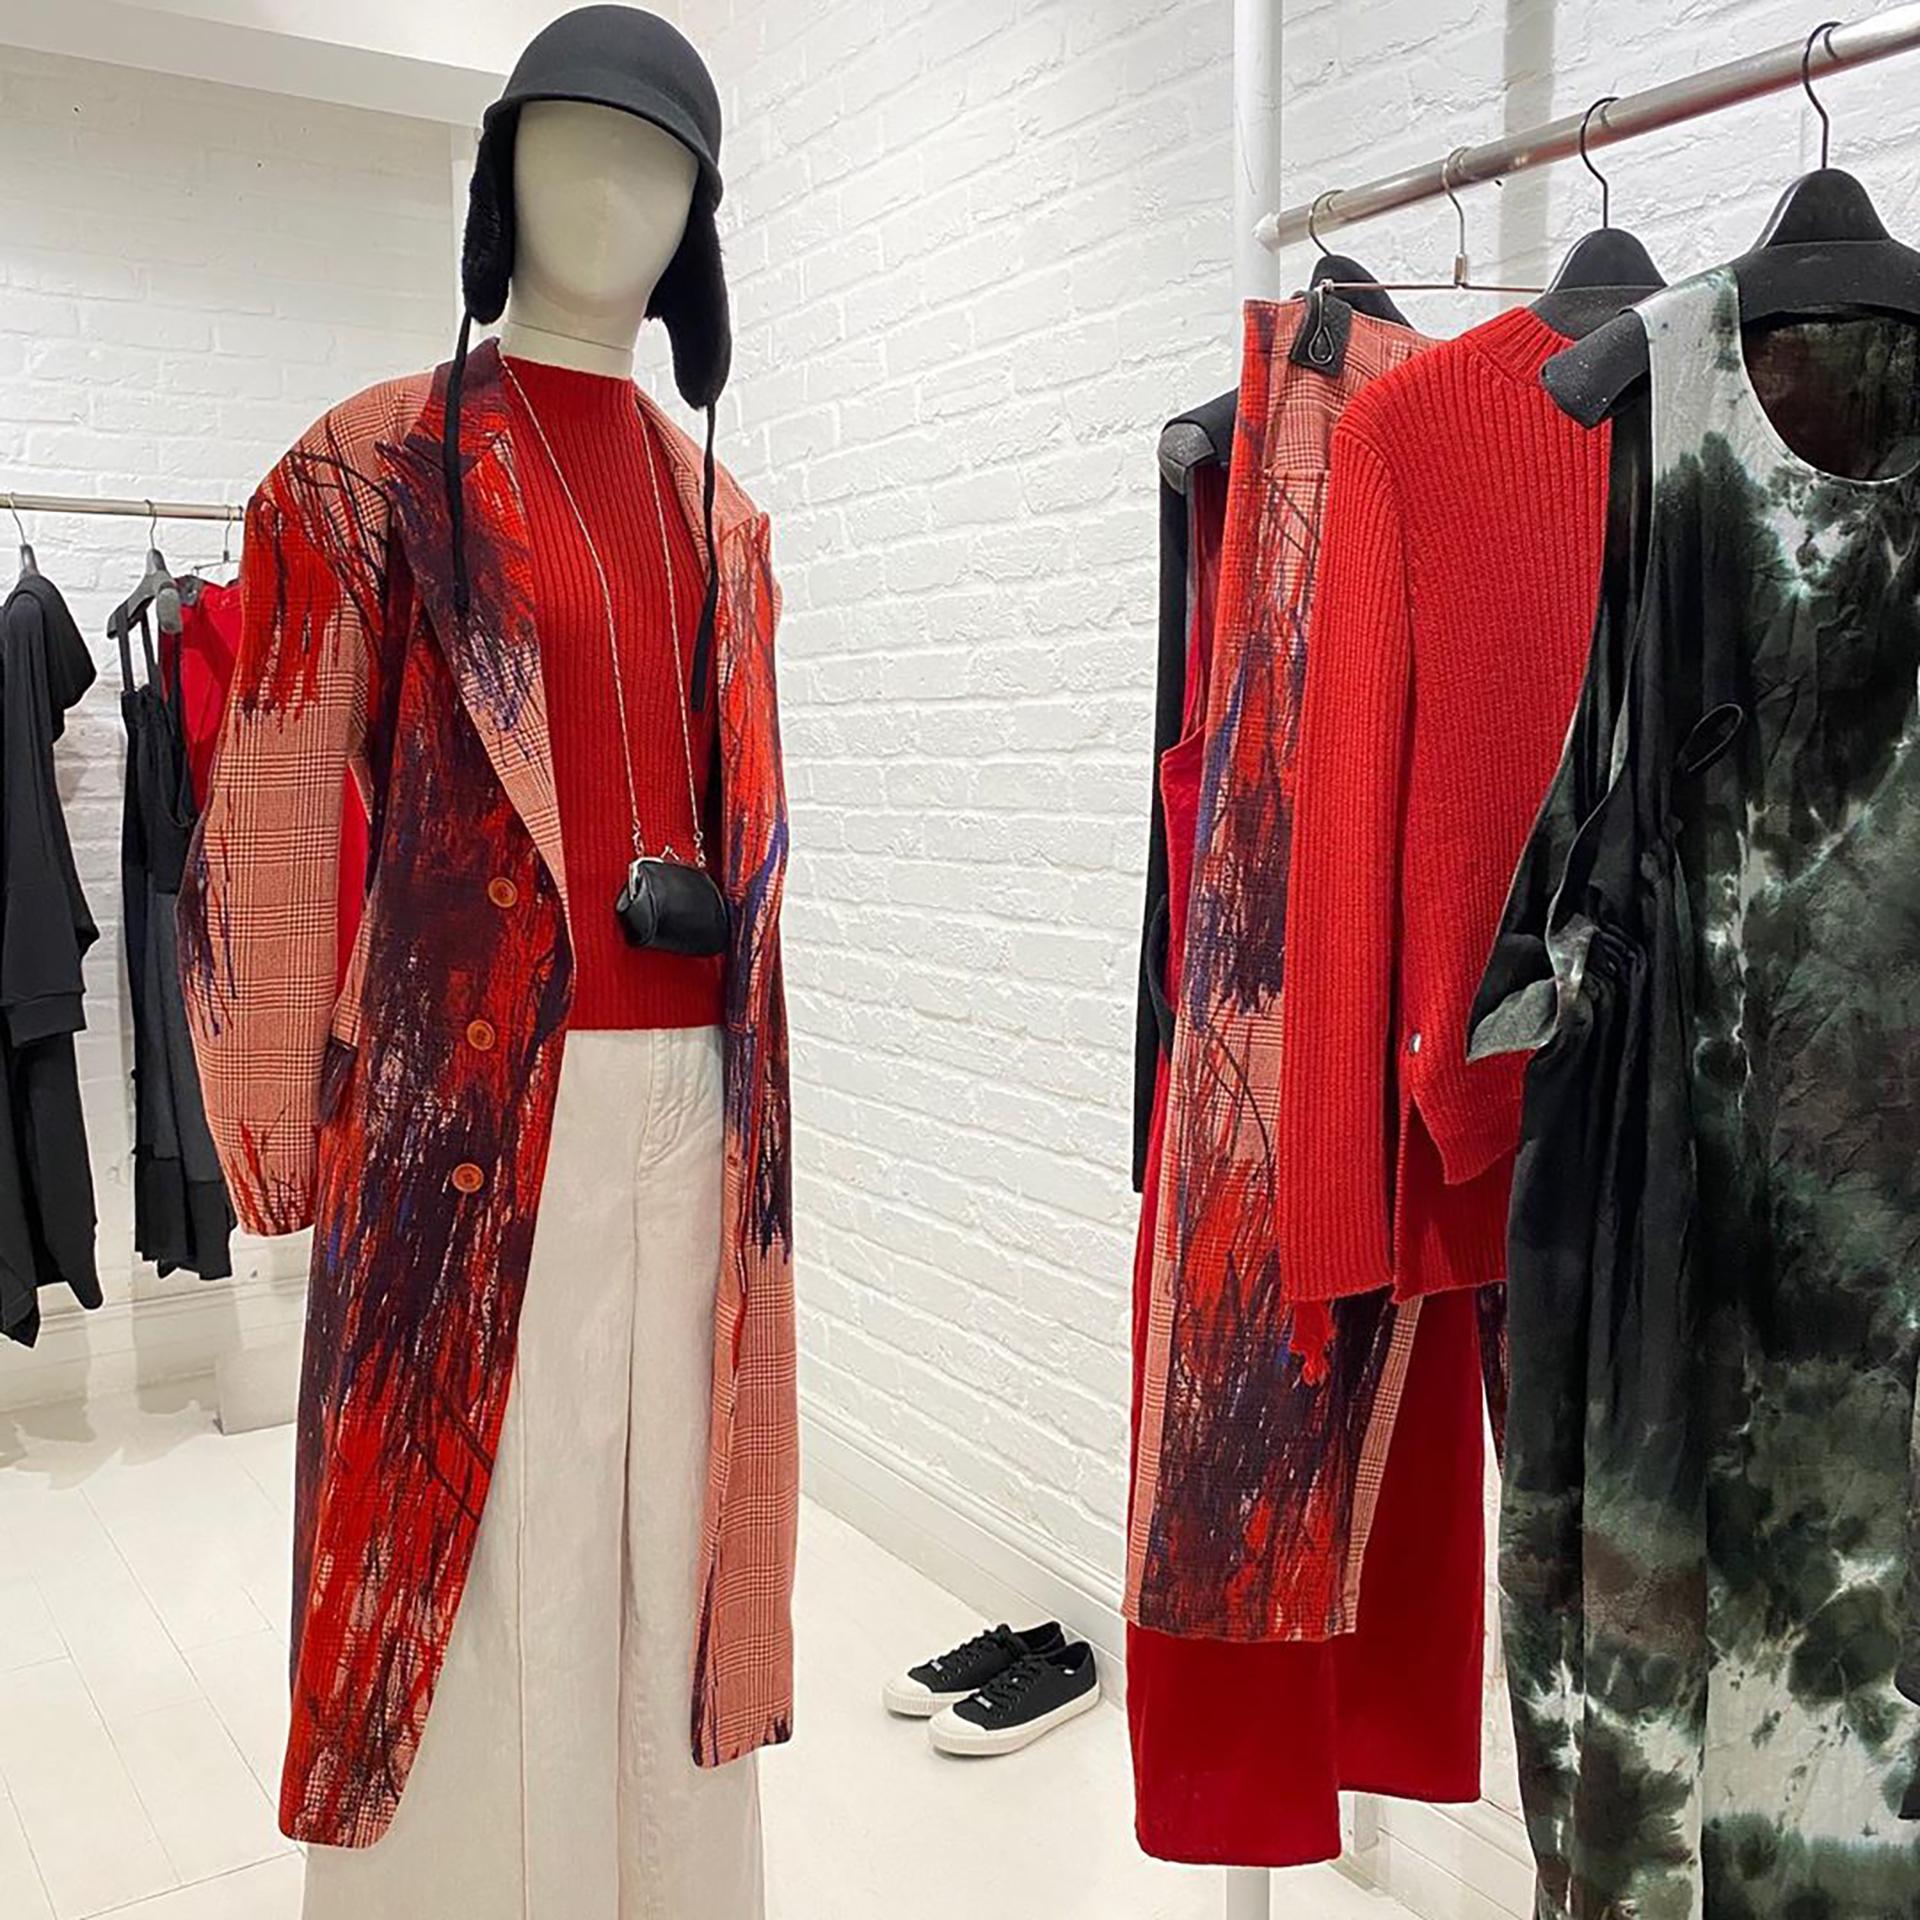 Yohji Yamamoto fashion designer - 2020 - collection LIMIfeu AW20 - London store